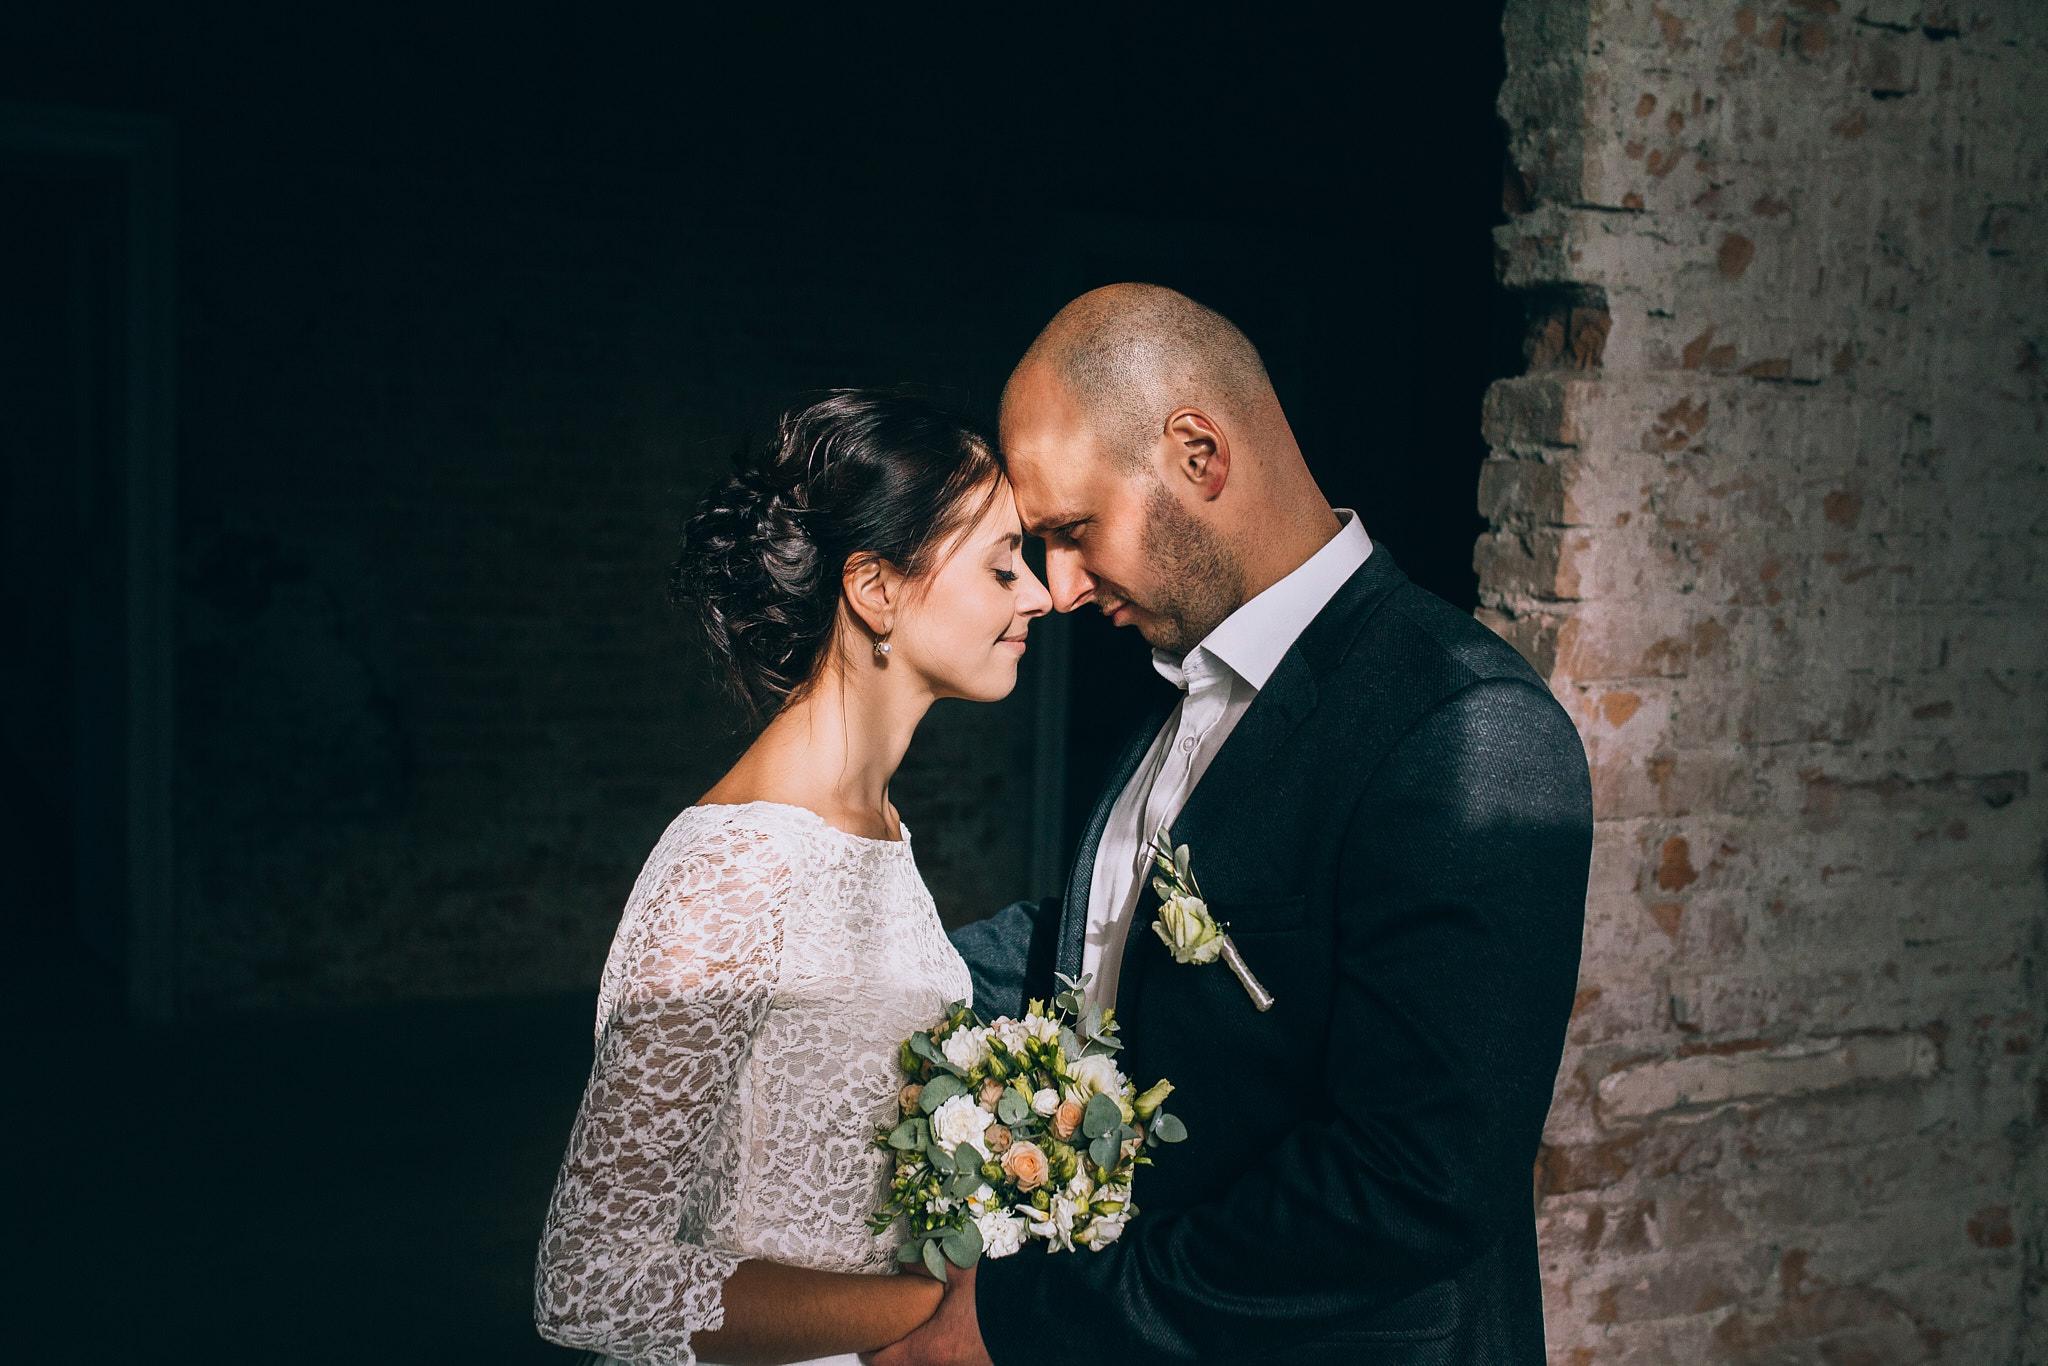 matrimonio rid 0_205